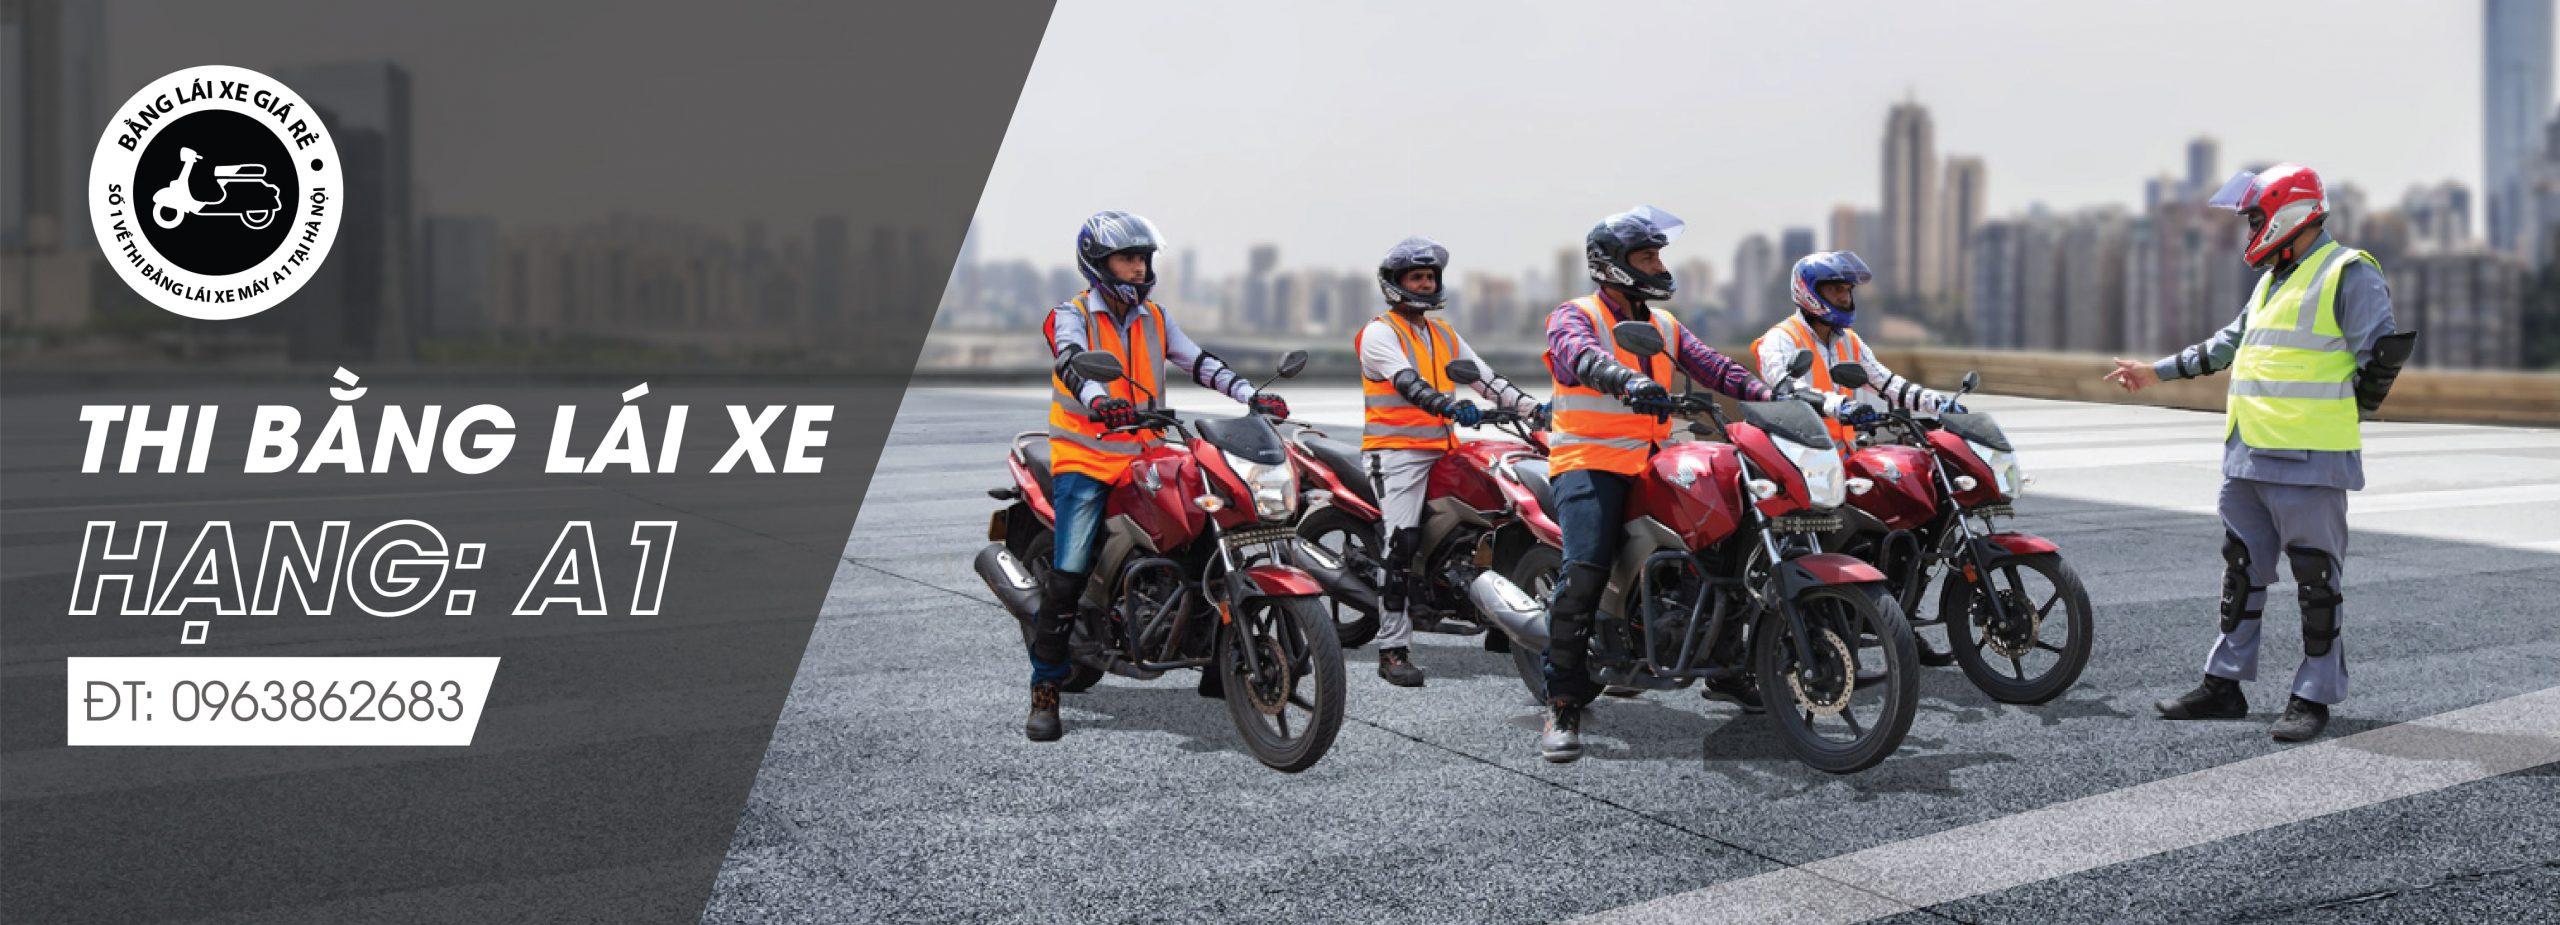 Banglaixegiare số 1 về thi bằng lái xe máy tại Hà N